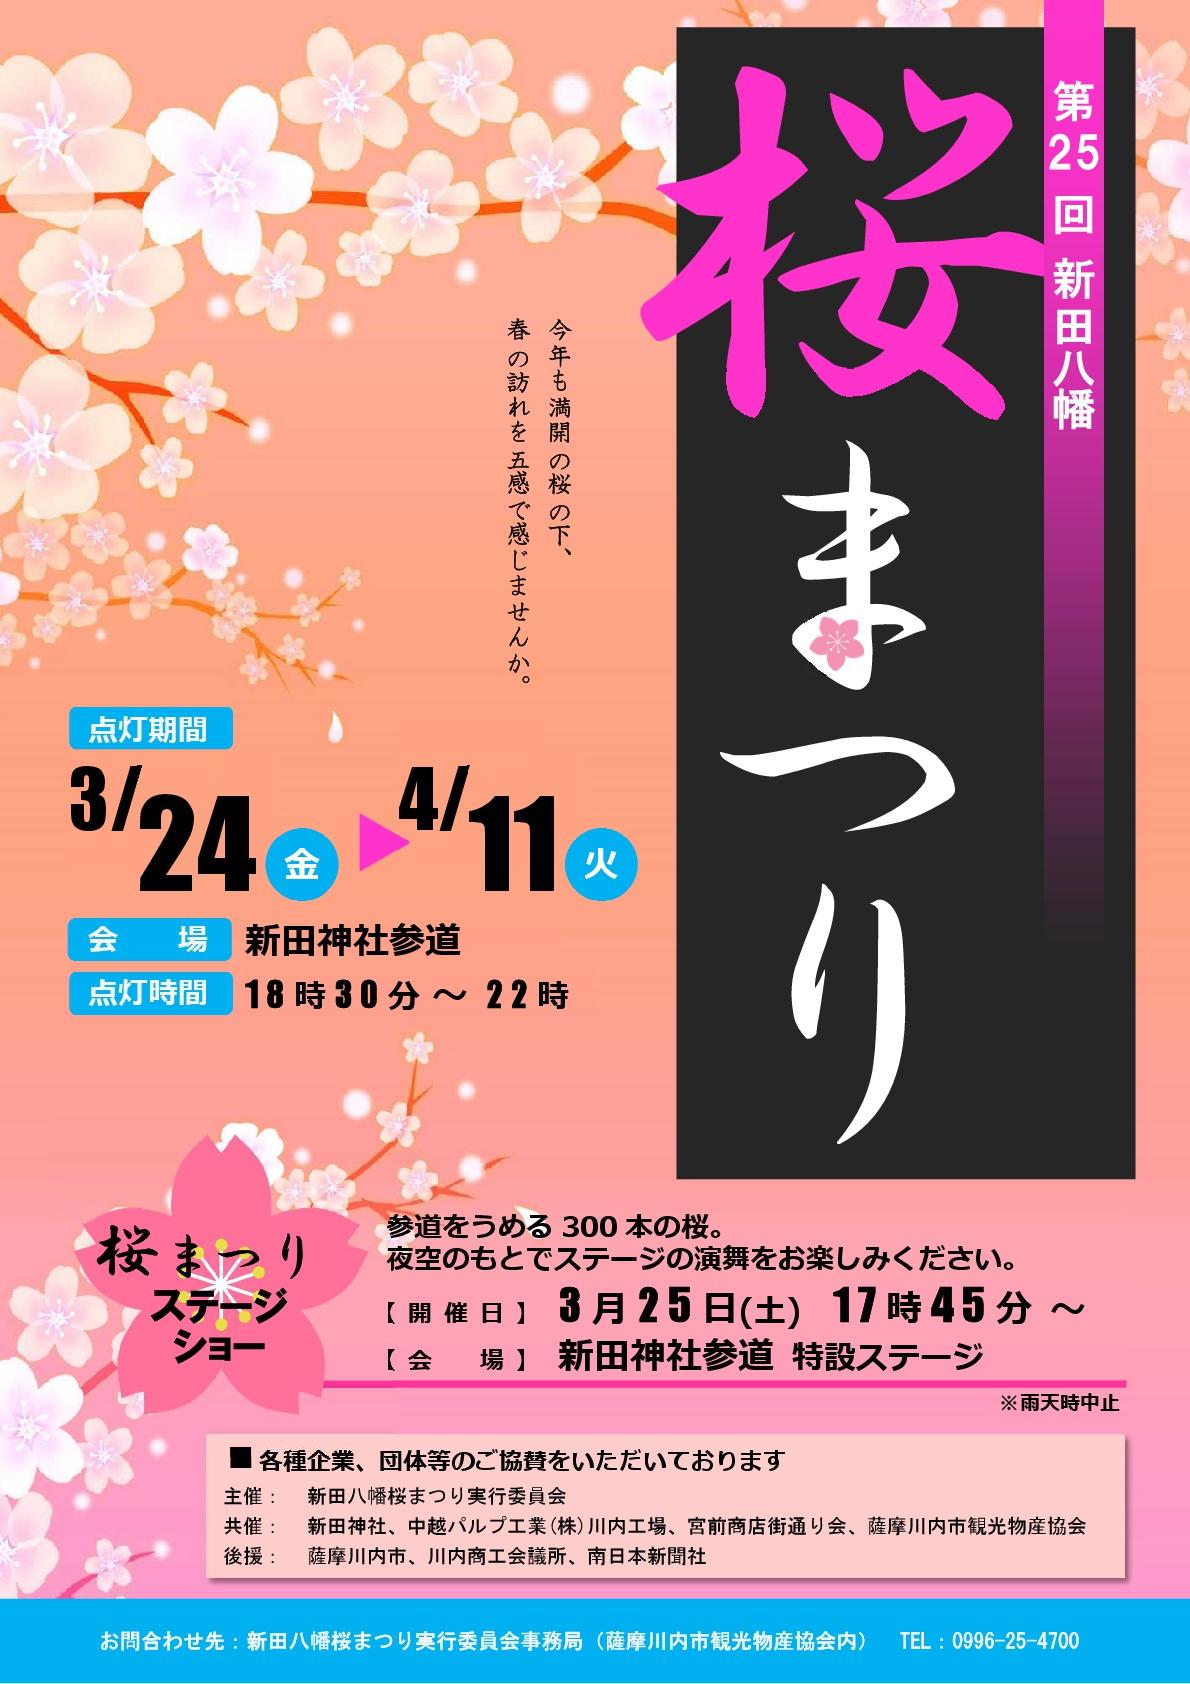 第25回 新田八幡桜まつり(桜の開花に合わせ点灯期間~16日まで延長)